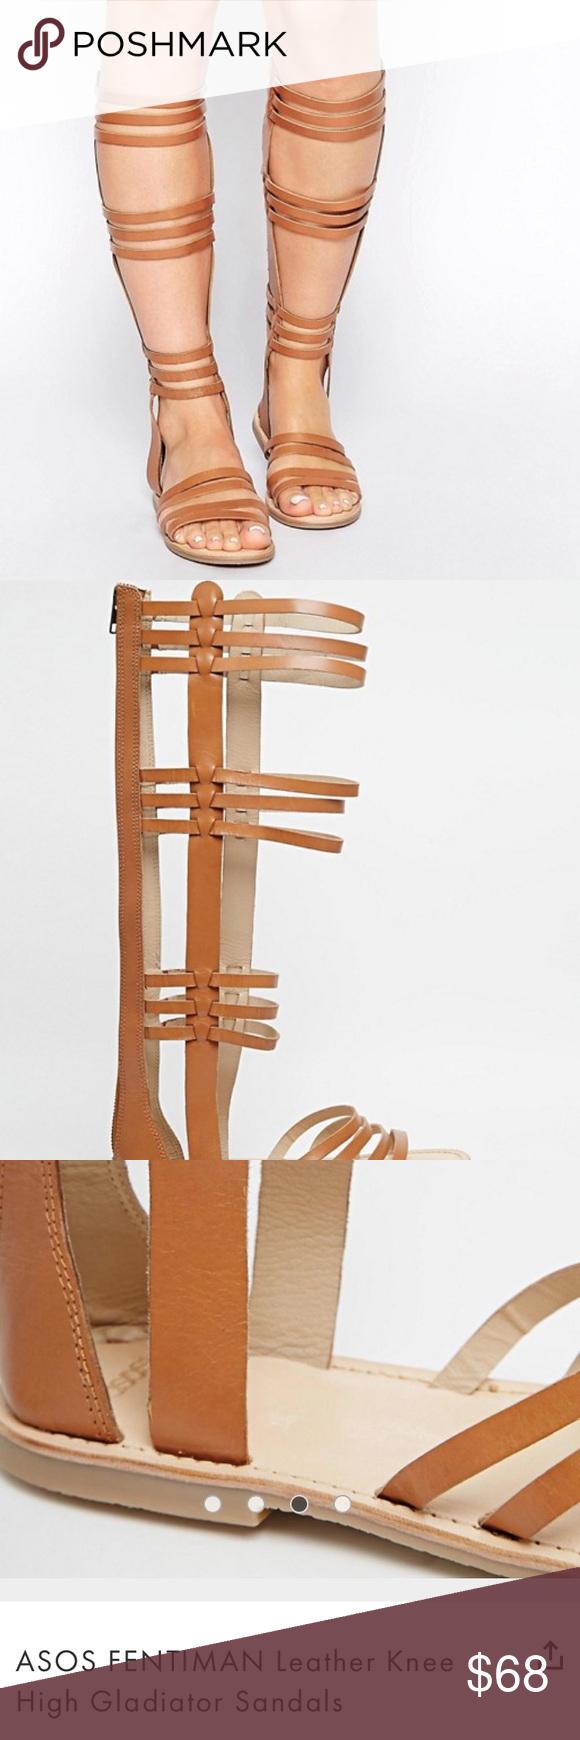 b1258dea9145e8 ASOS - Fentiman Tall Gladiator Sandals Tan US 7 Excellent